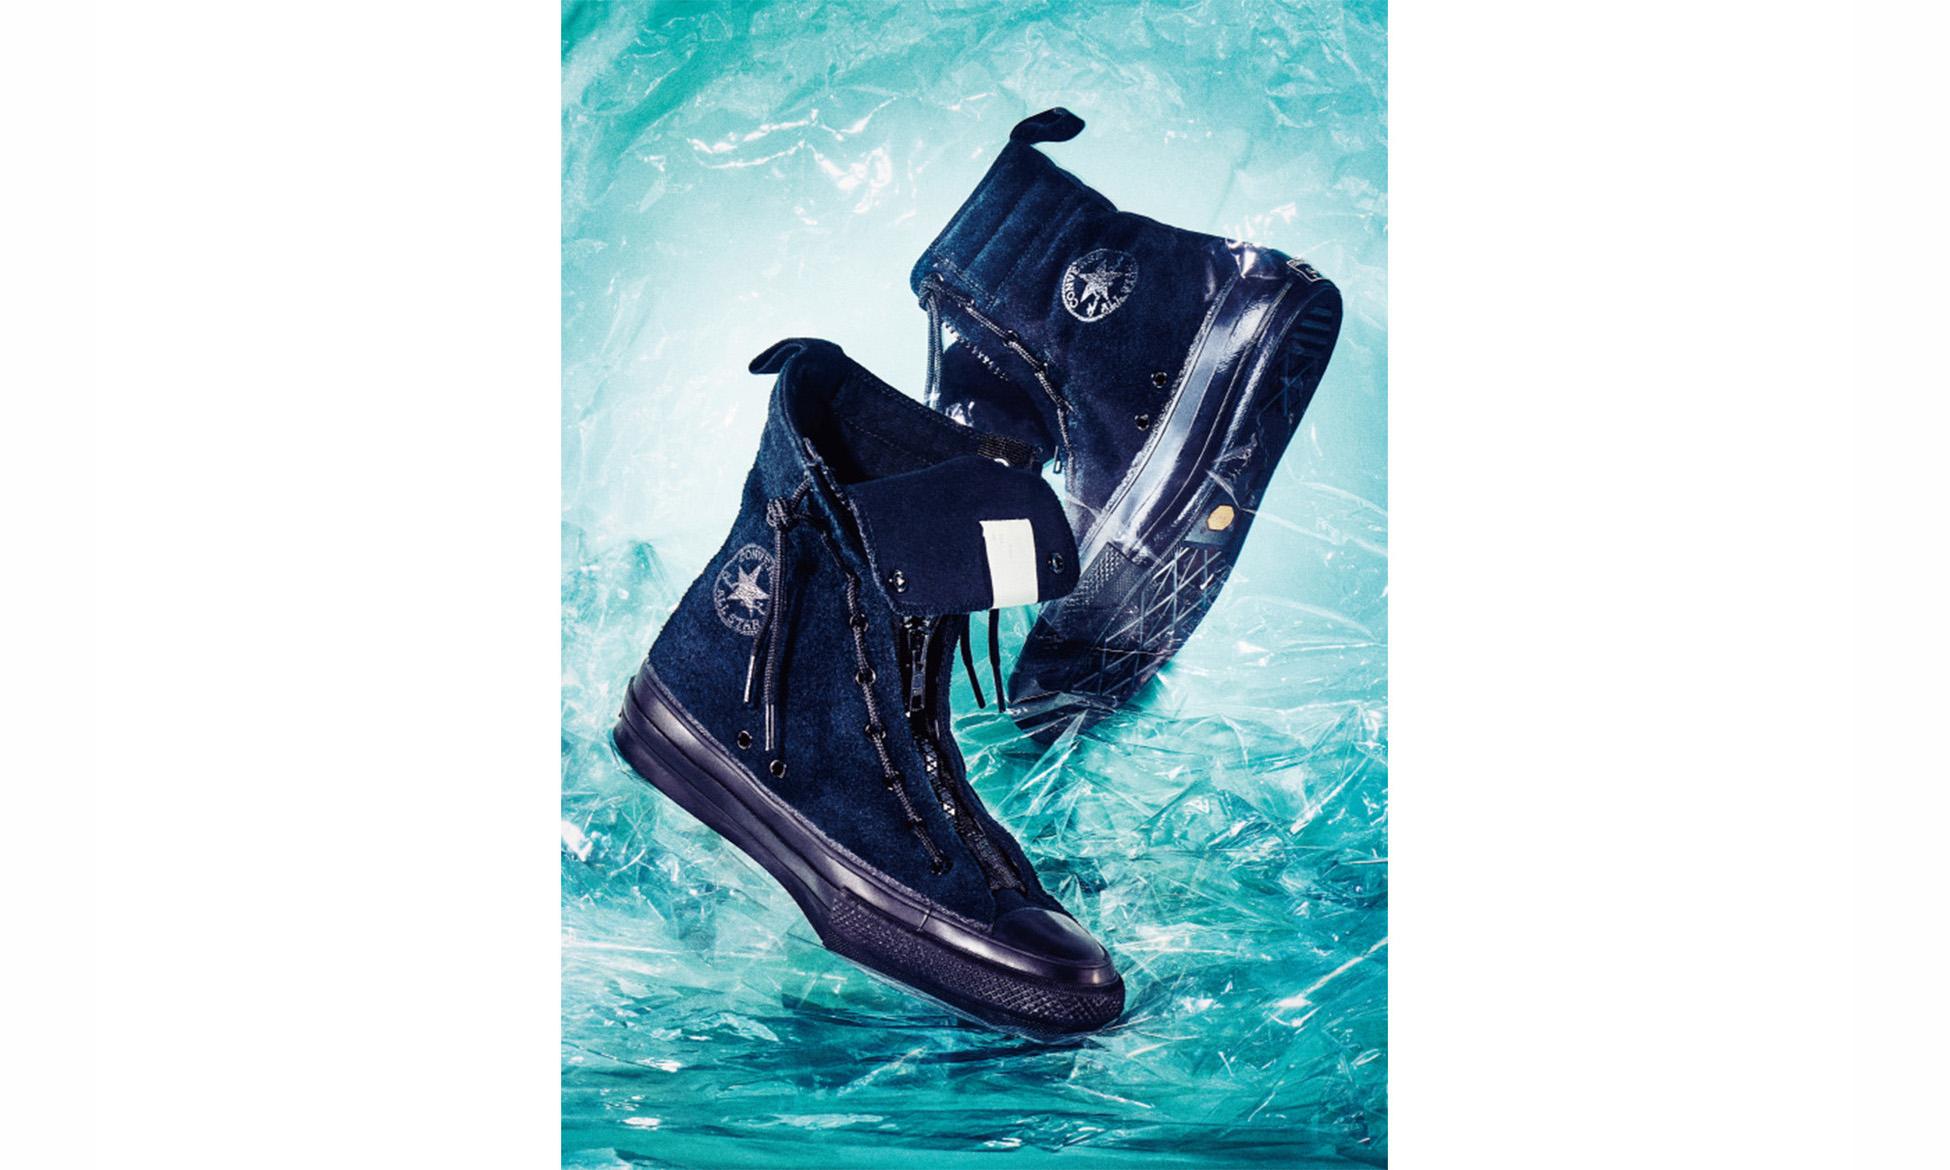 CONVERSE ADDICT 10 周年限定鞋款登场